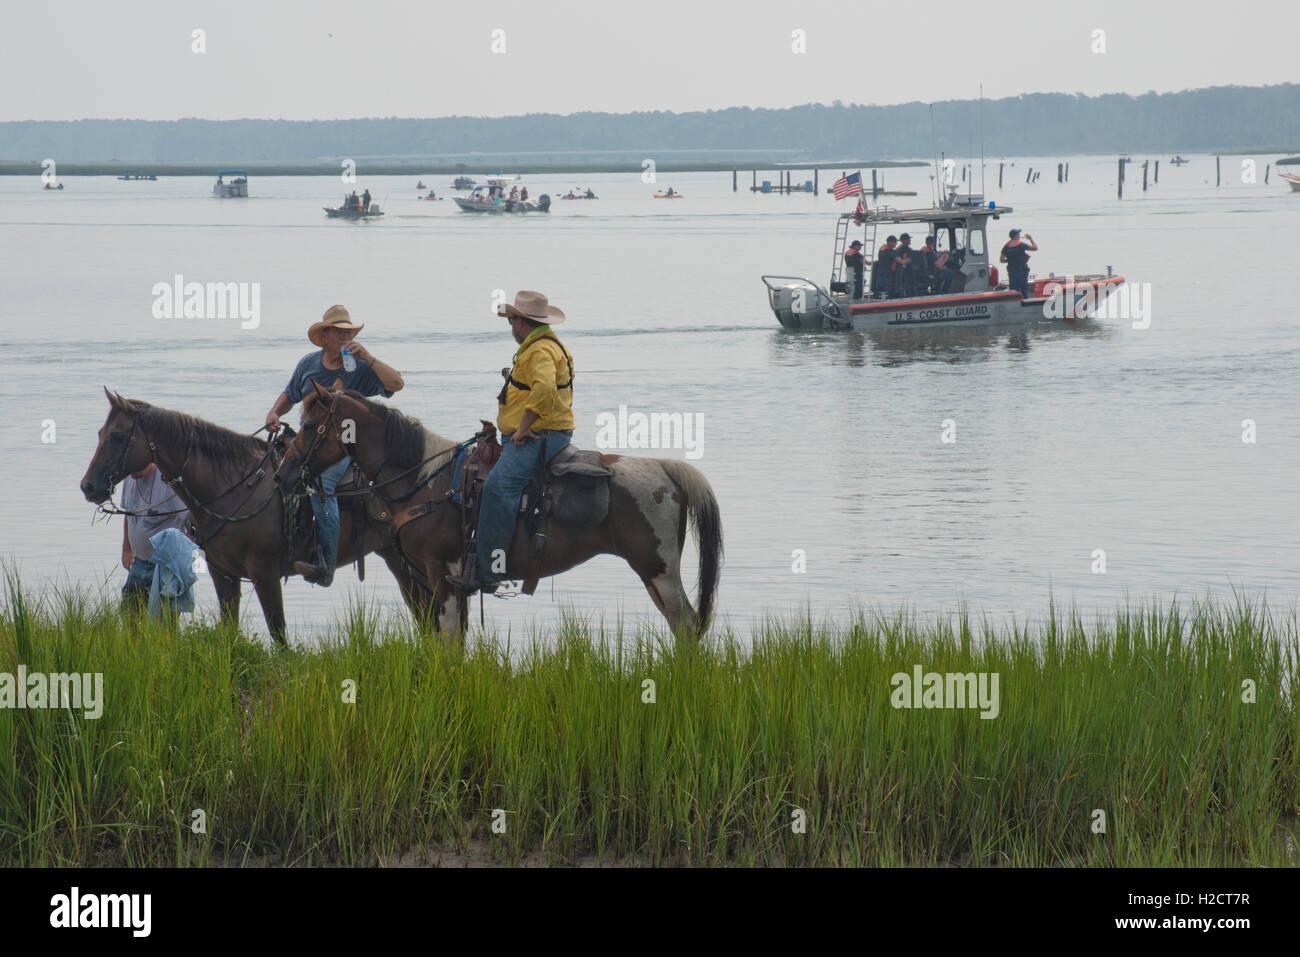 Salzwasser Cowboys und ihren Pferden Pause eine von penning und Rundung der Wildpferde, wie sie am Ufer ankommen, Stockbild